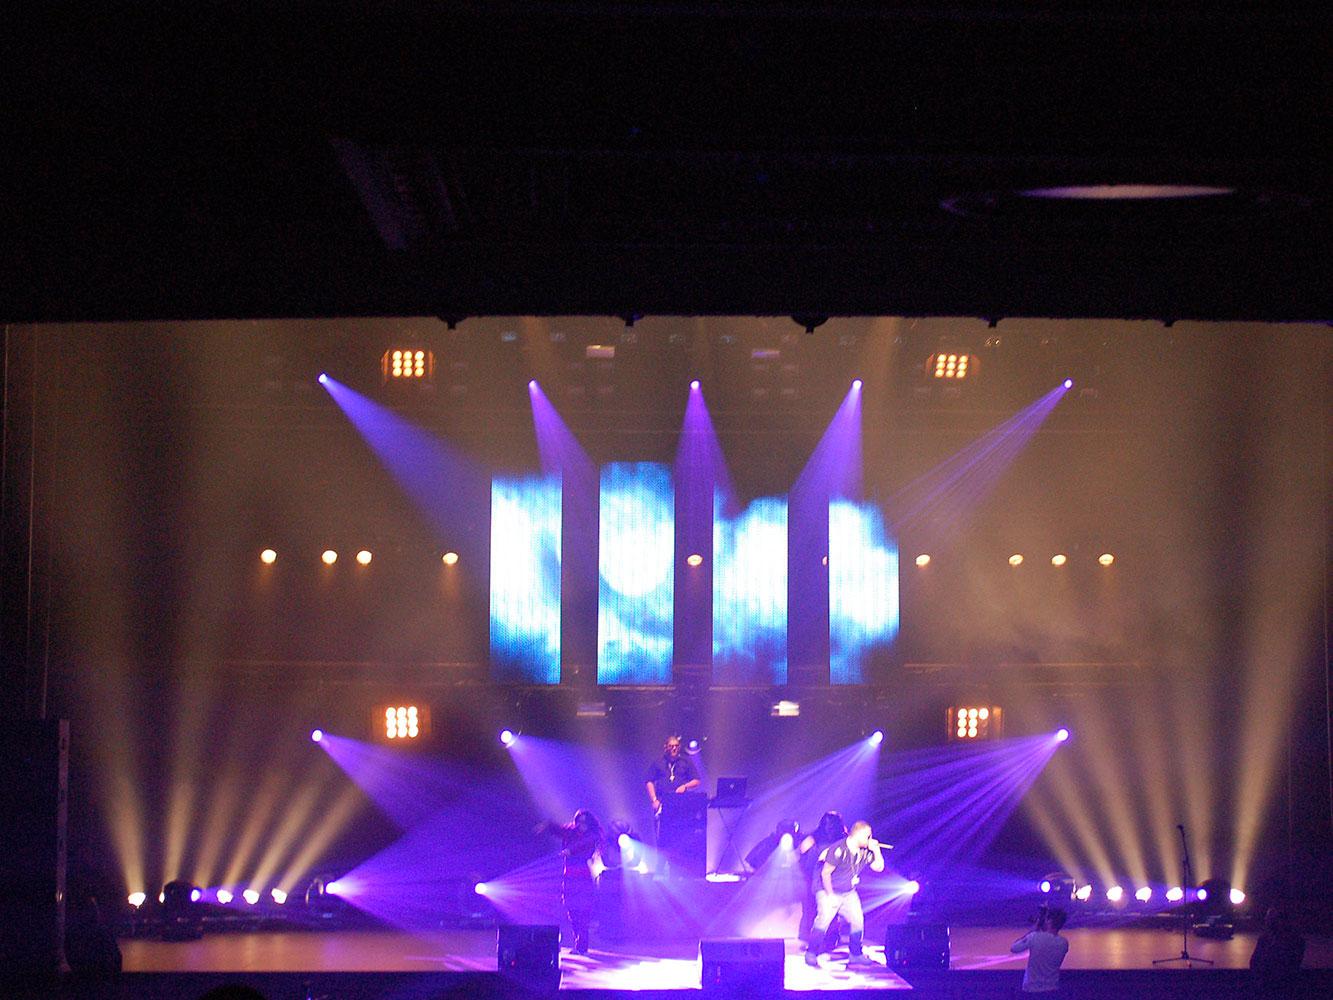 Super-Sako---Concert-Staging